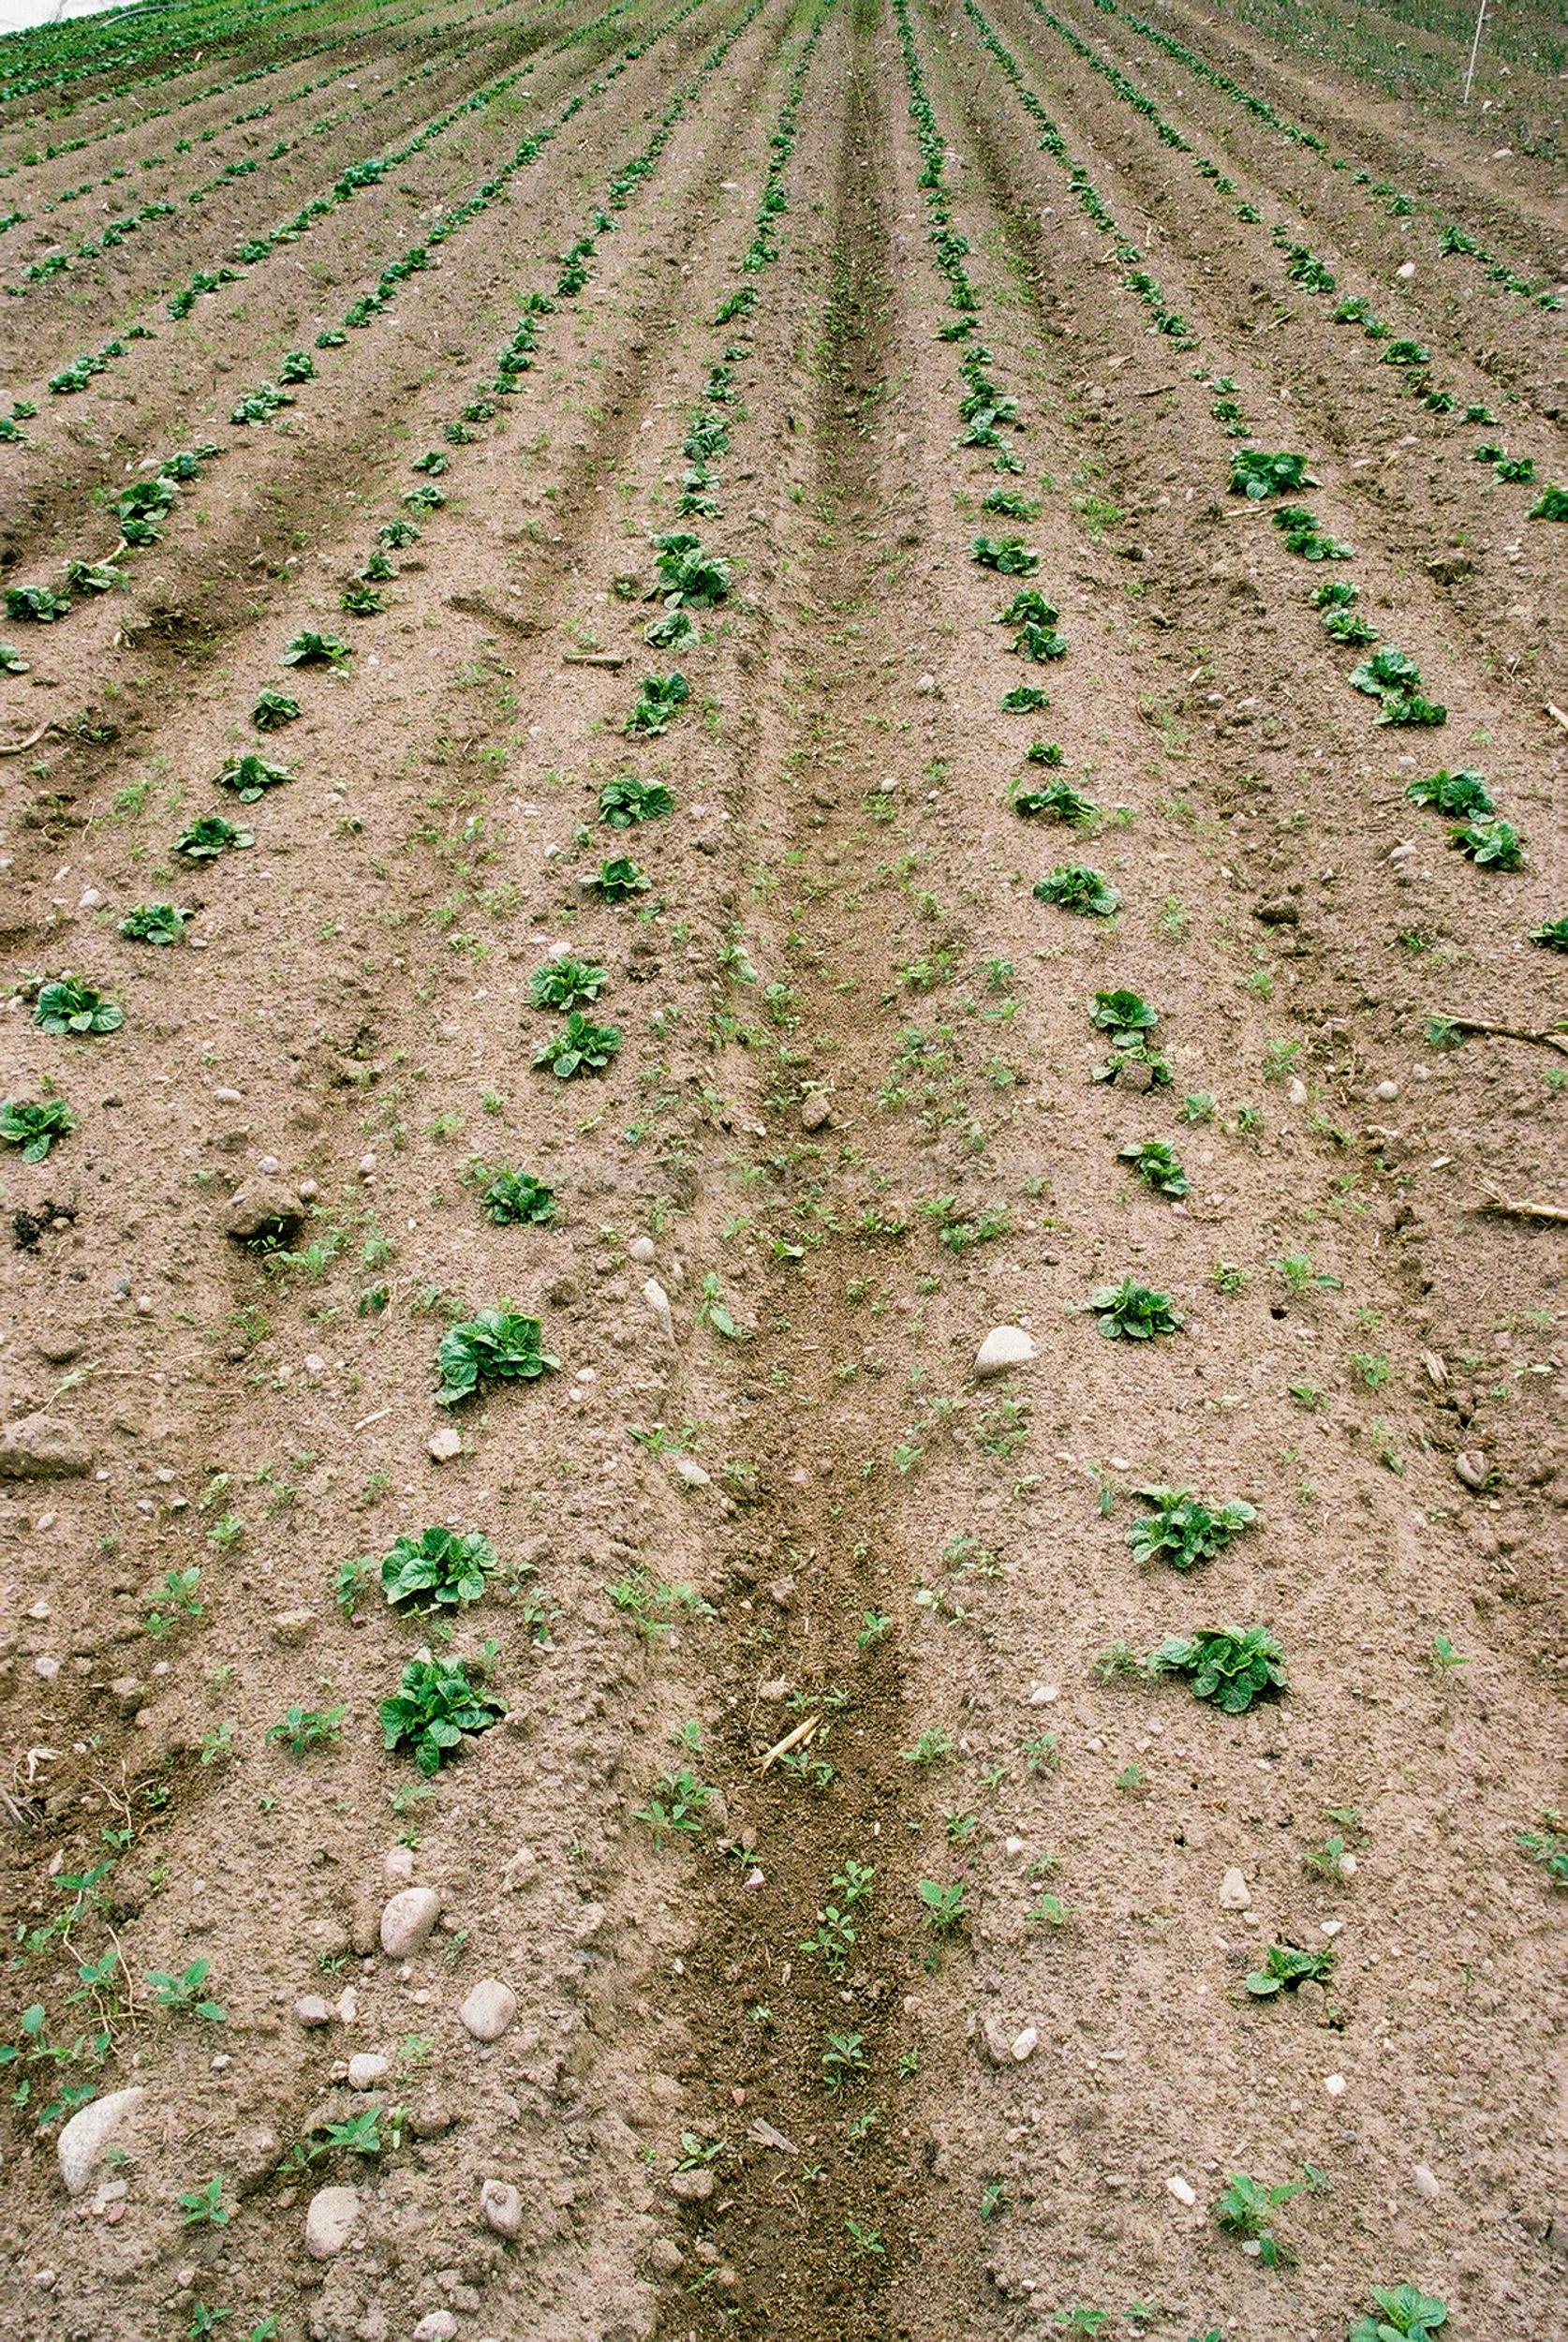 JE0205_15, Potatis våren 2002, Jonas Engström